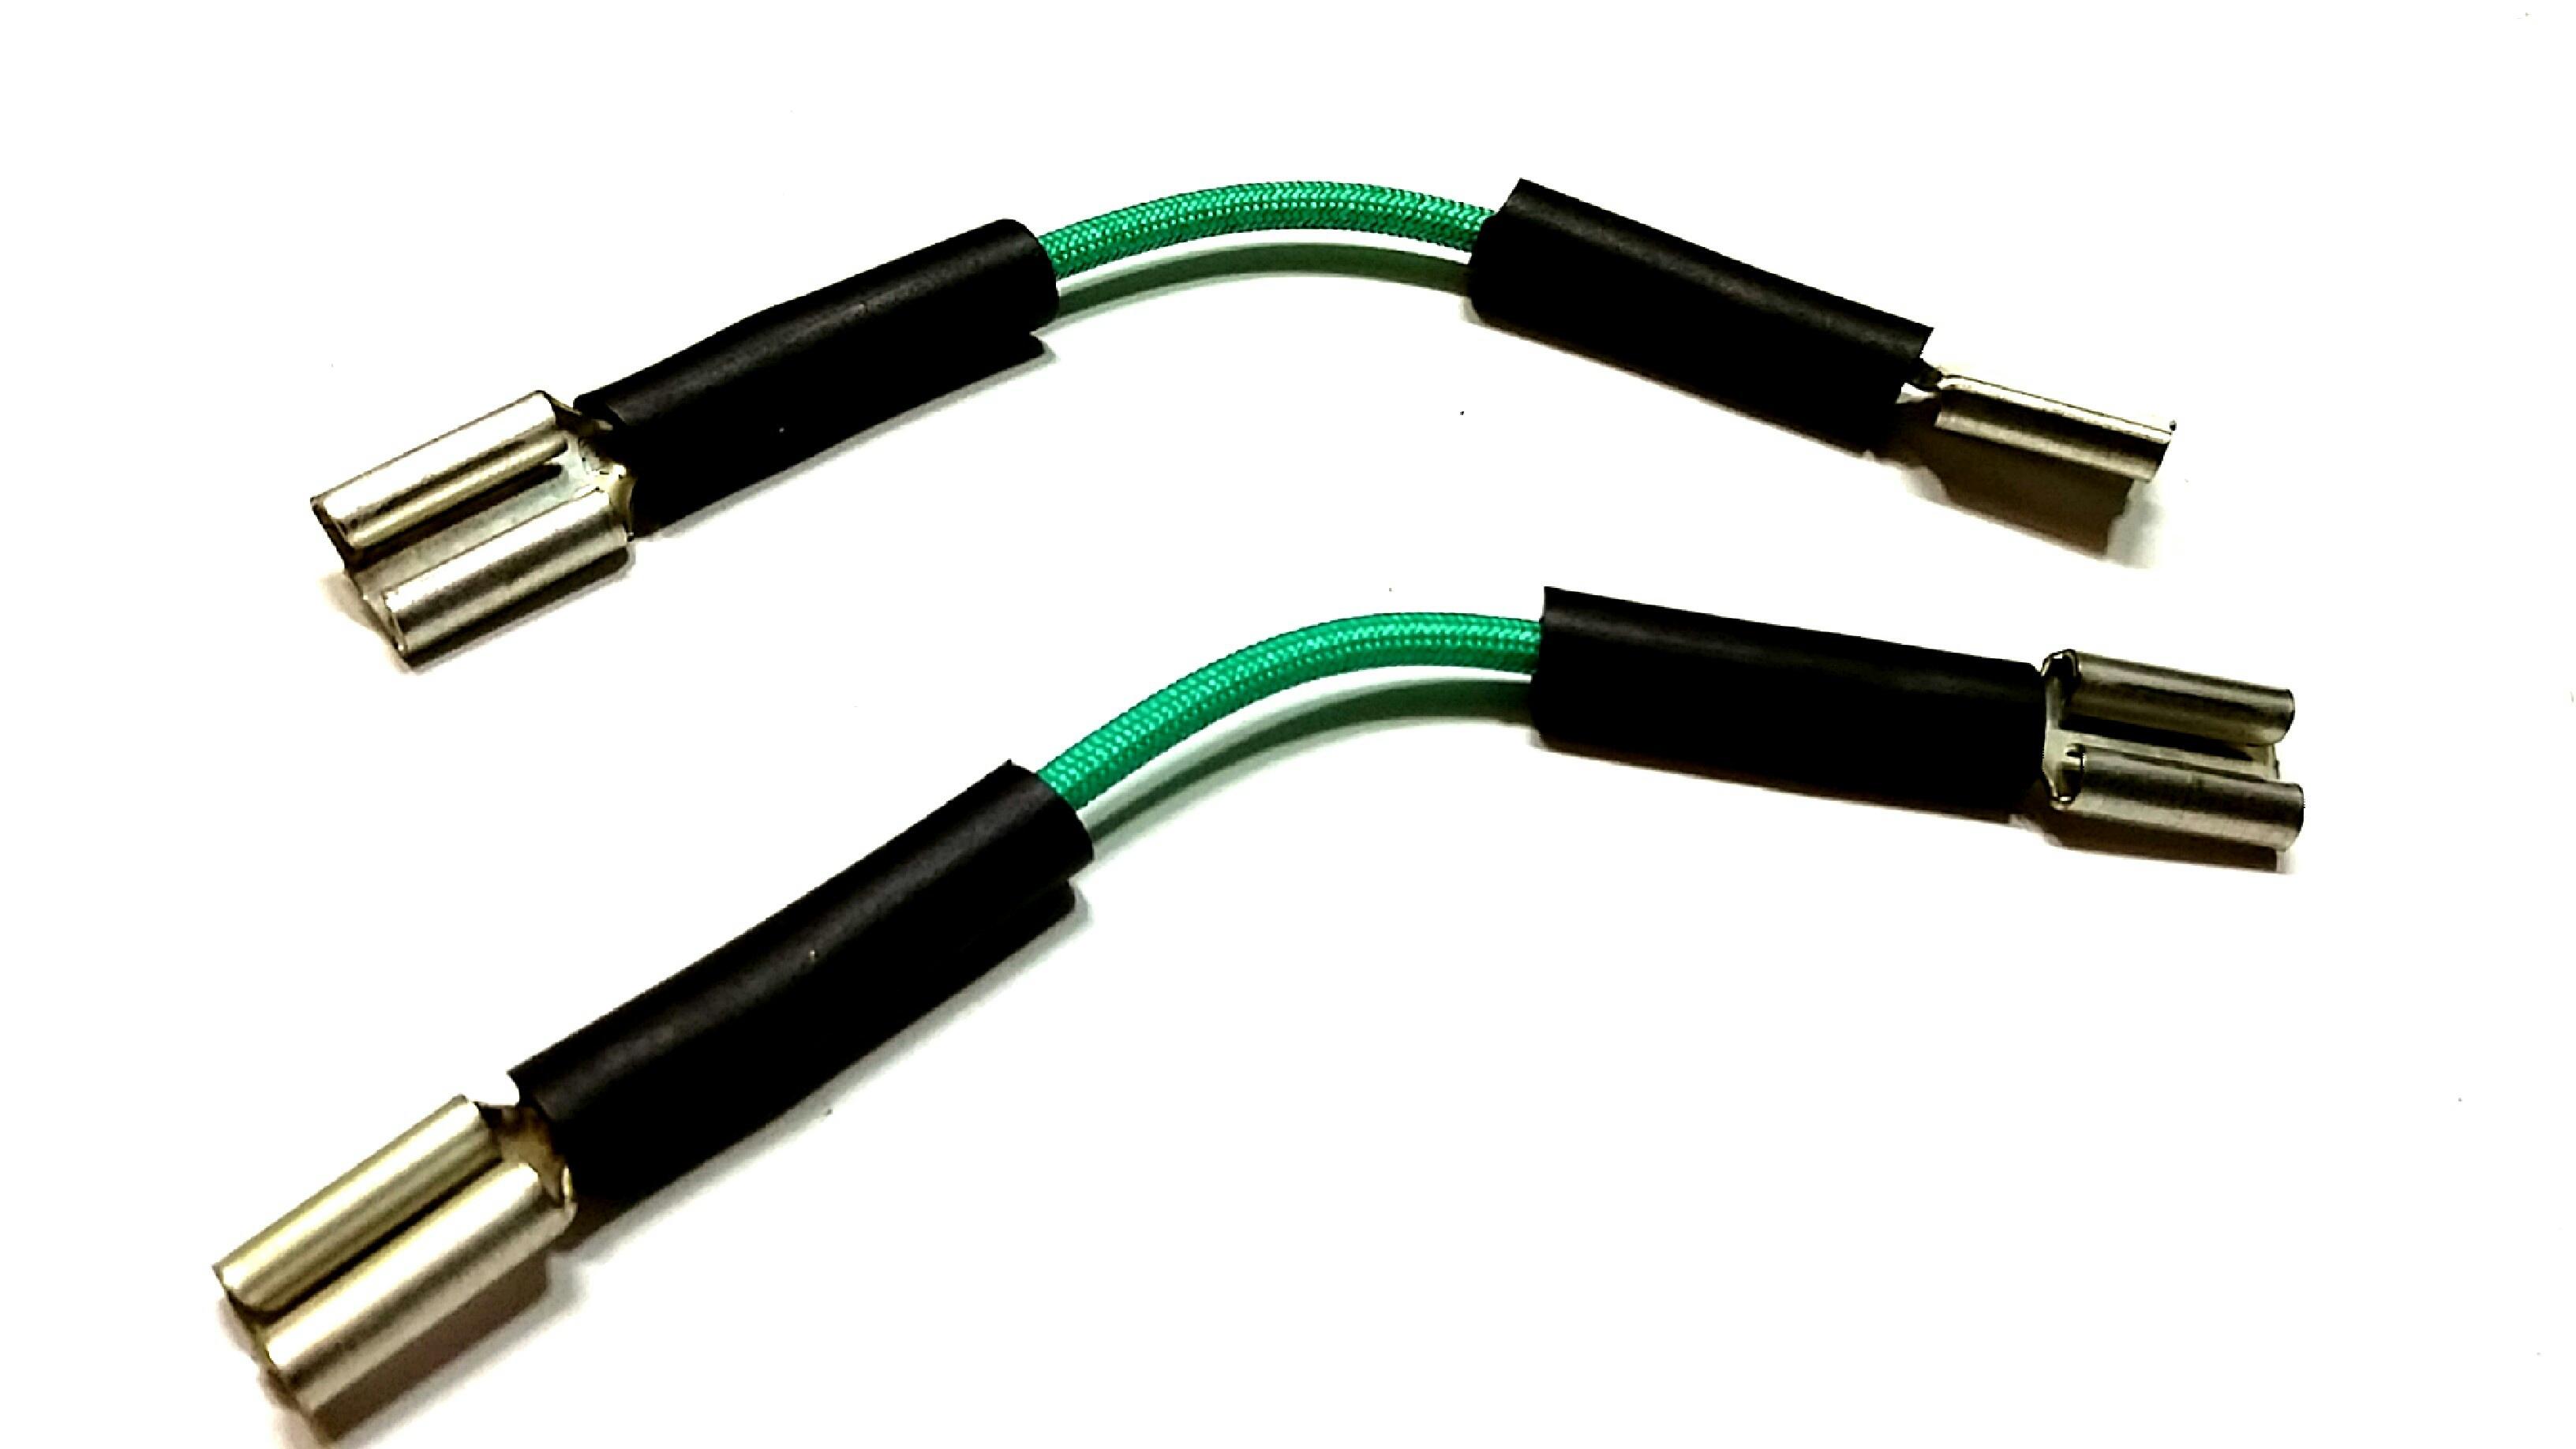 1991 Subaru Xt Fusible Link  Green  Harness  Wiring  Main